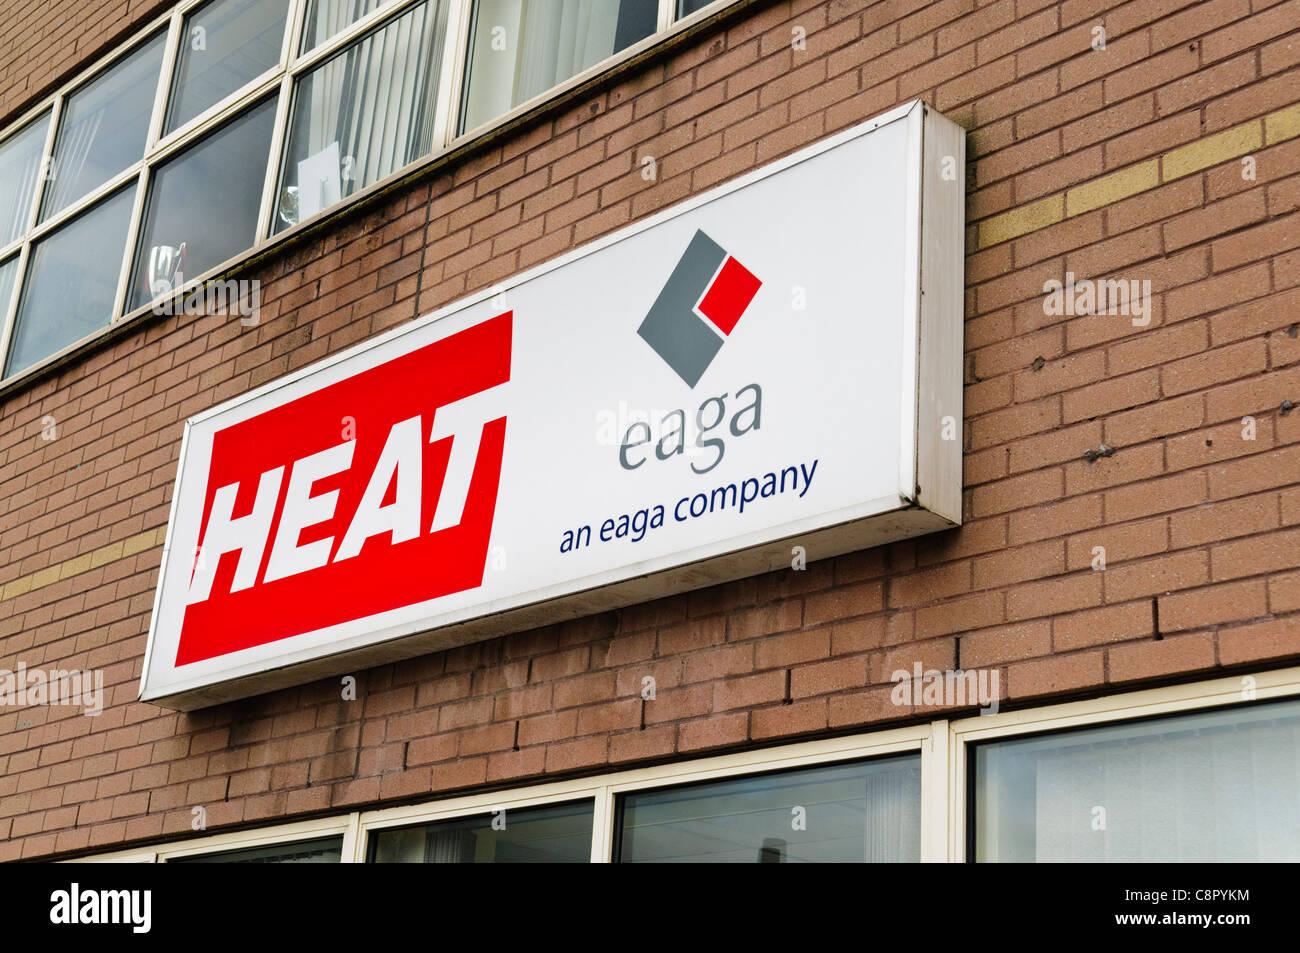 La chaleur, une base de Belfast chauffage et ventilation d'installation. Photo Stock